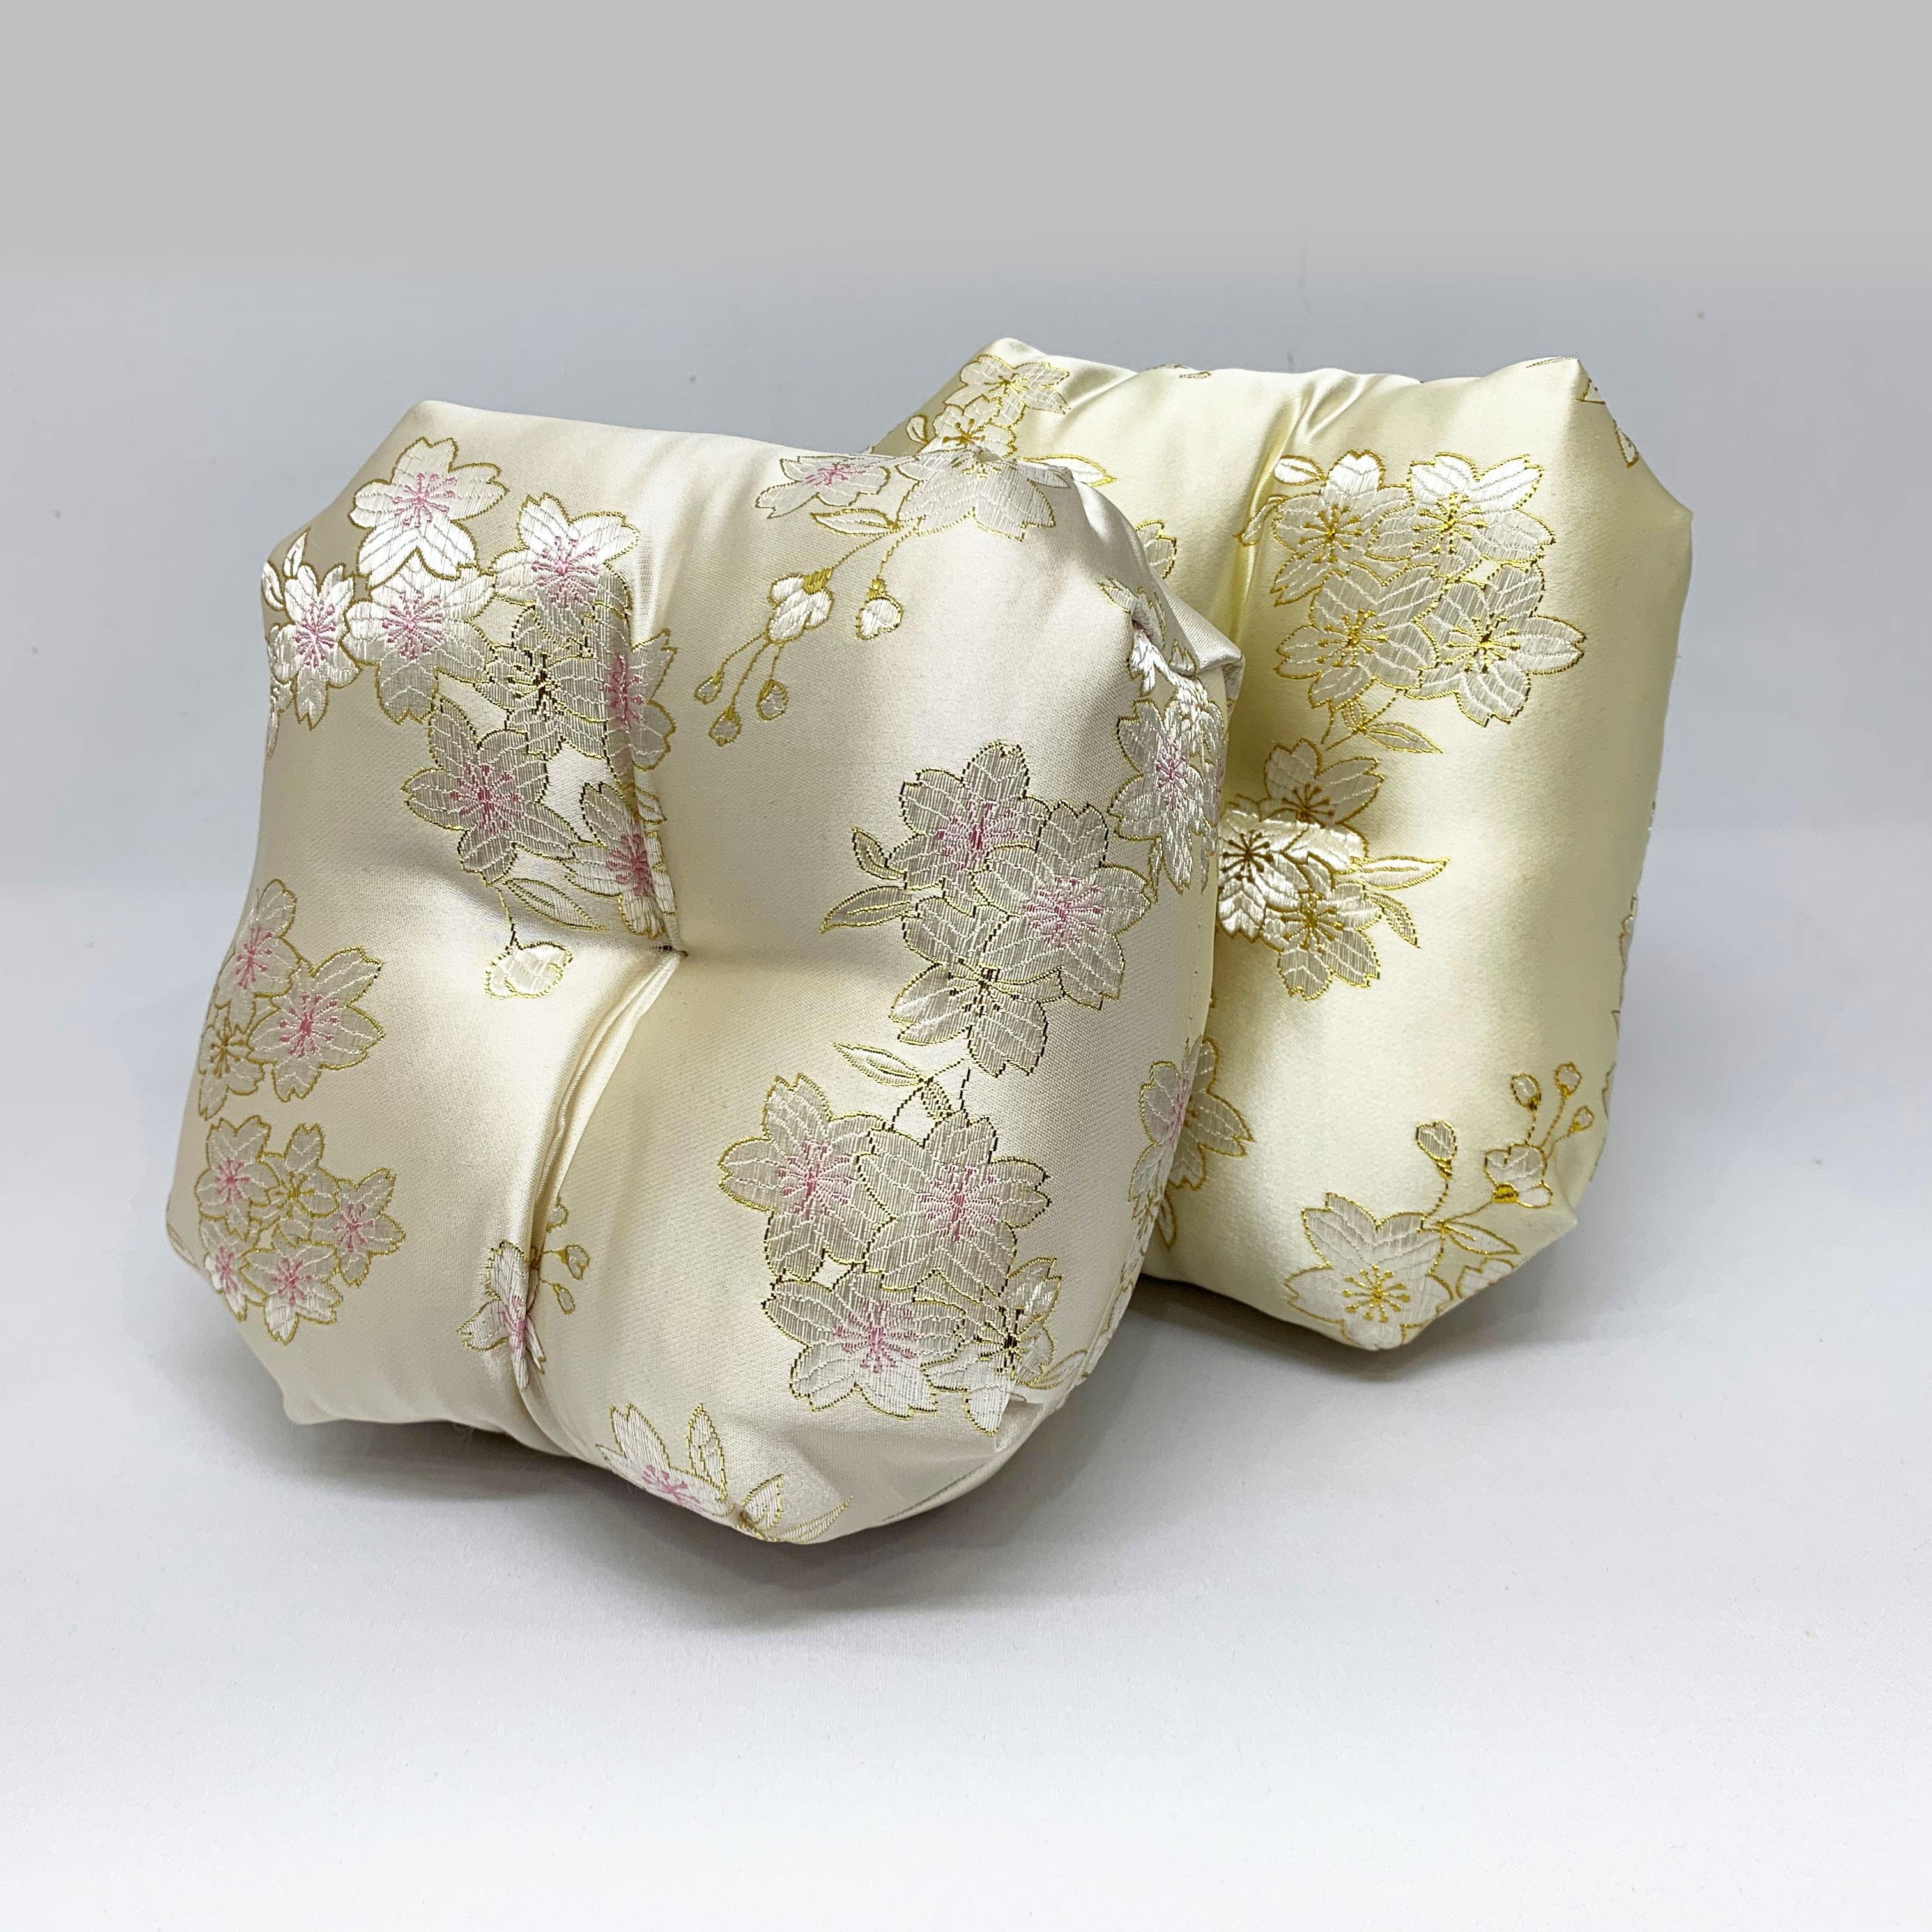 桜柄りん布団(ベージュ)の商品画像2